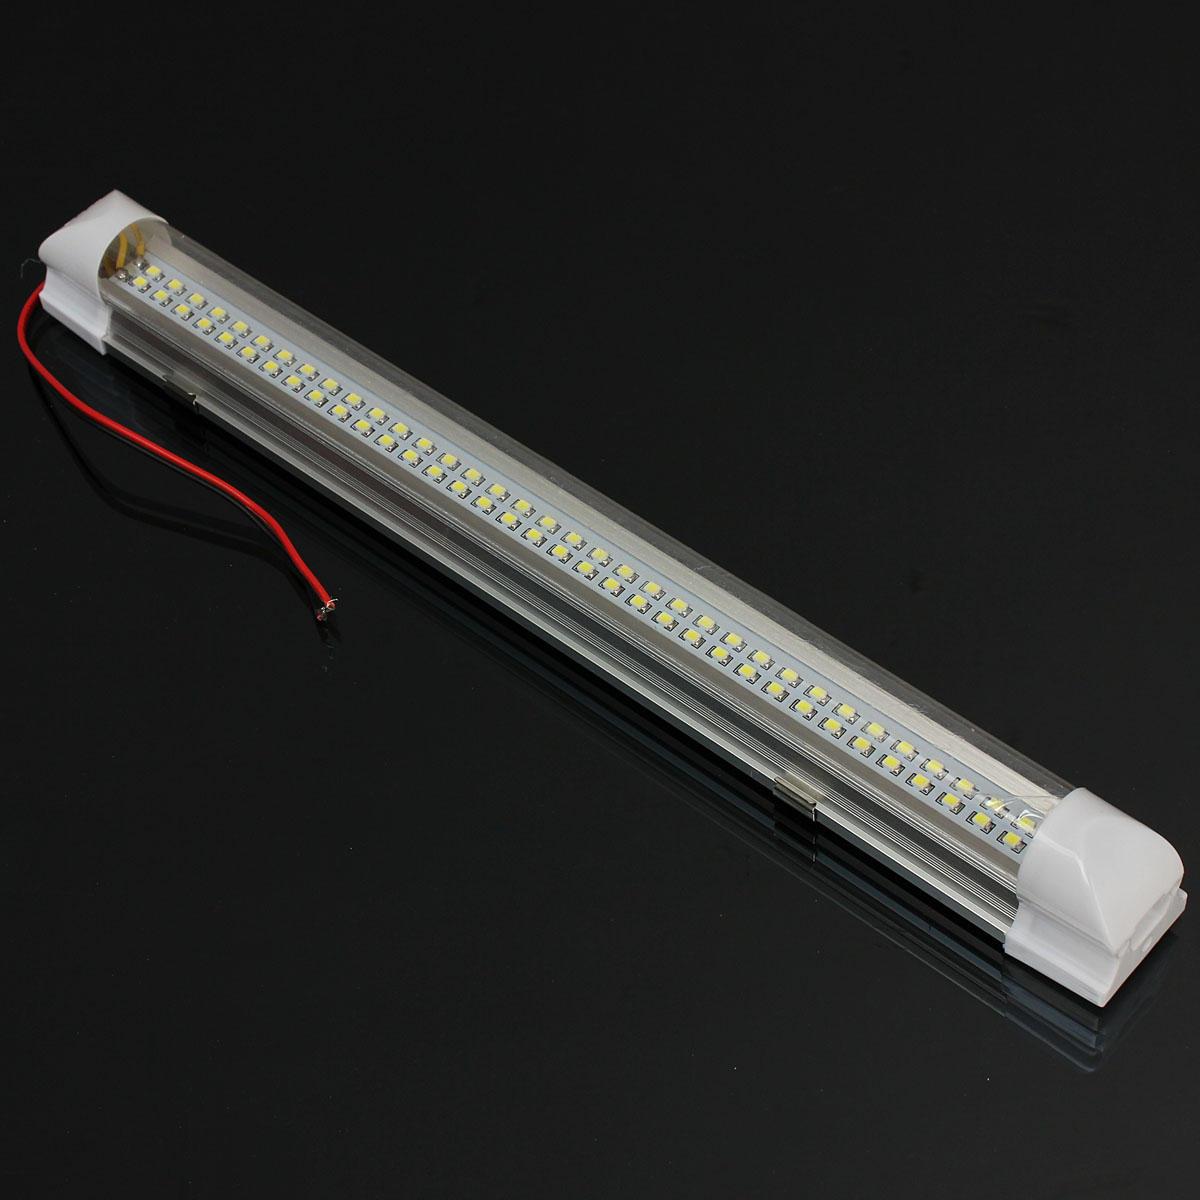 Universal interior 34 cm Tira de luz LED de la lámpara blanca con el interruptor ON / OFF